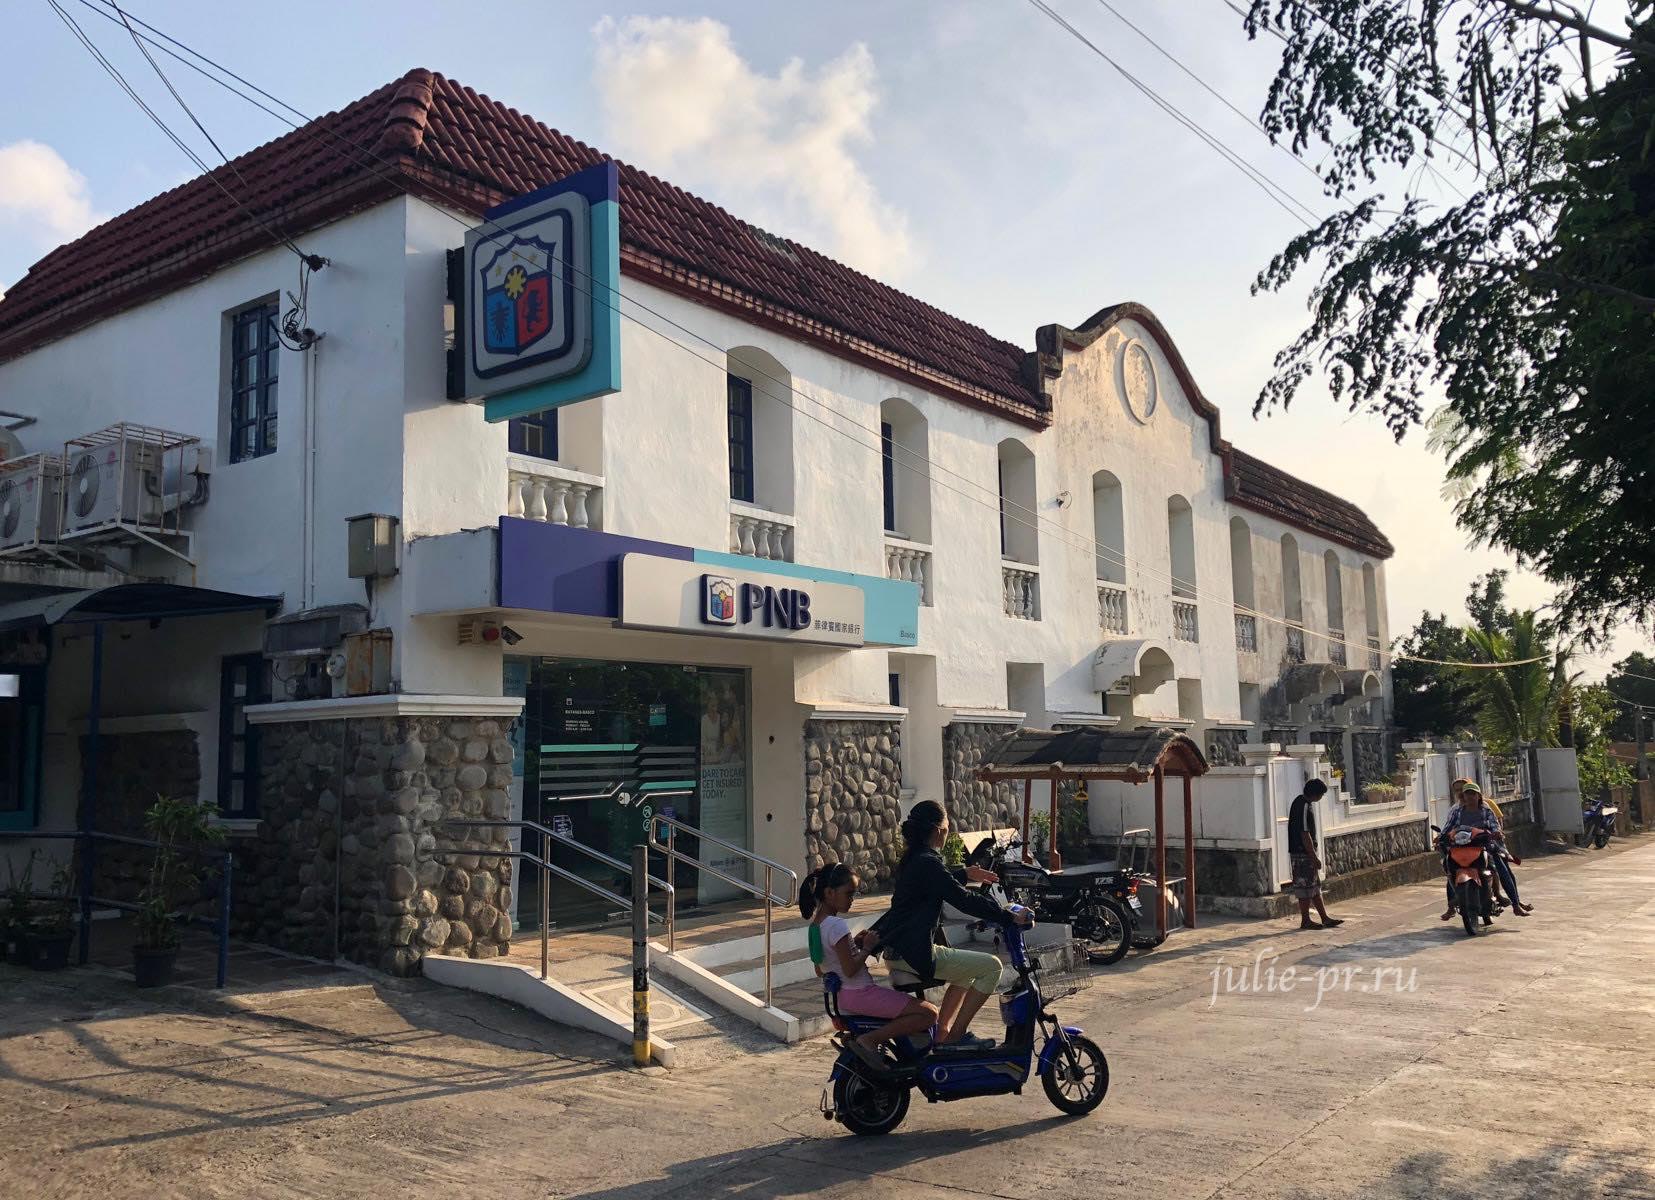 Филиппины, острова Батанес, Баско, банк